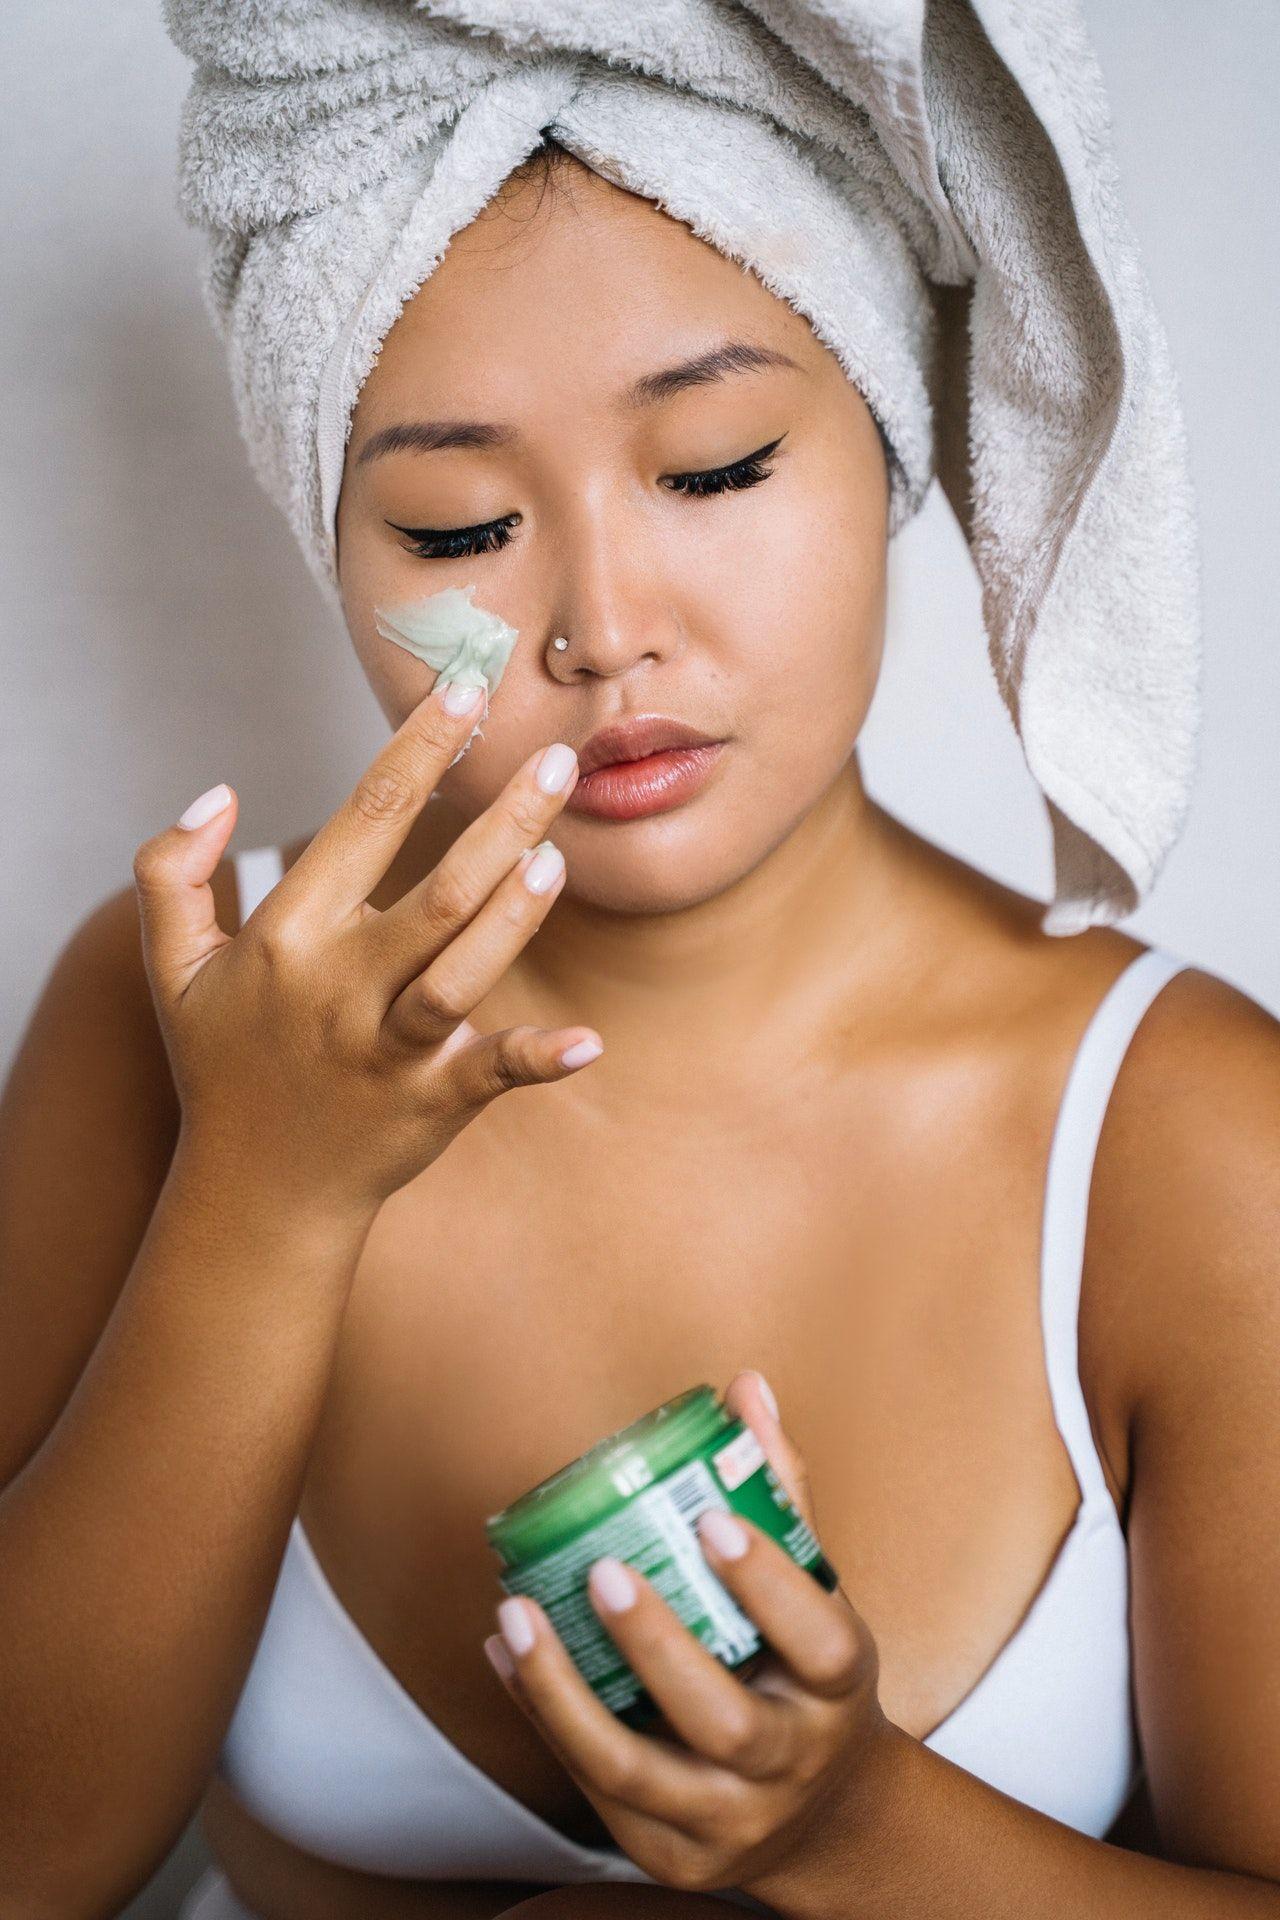 Guia da esfoliação: passo a passo para esfoliar a pele da forma certa